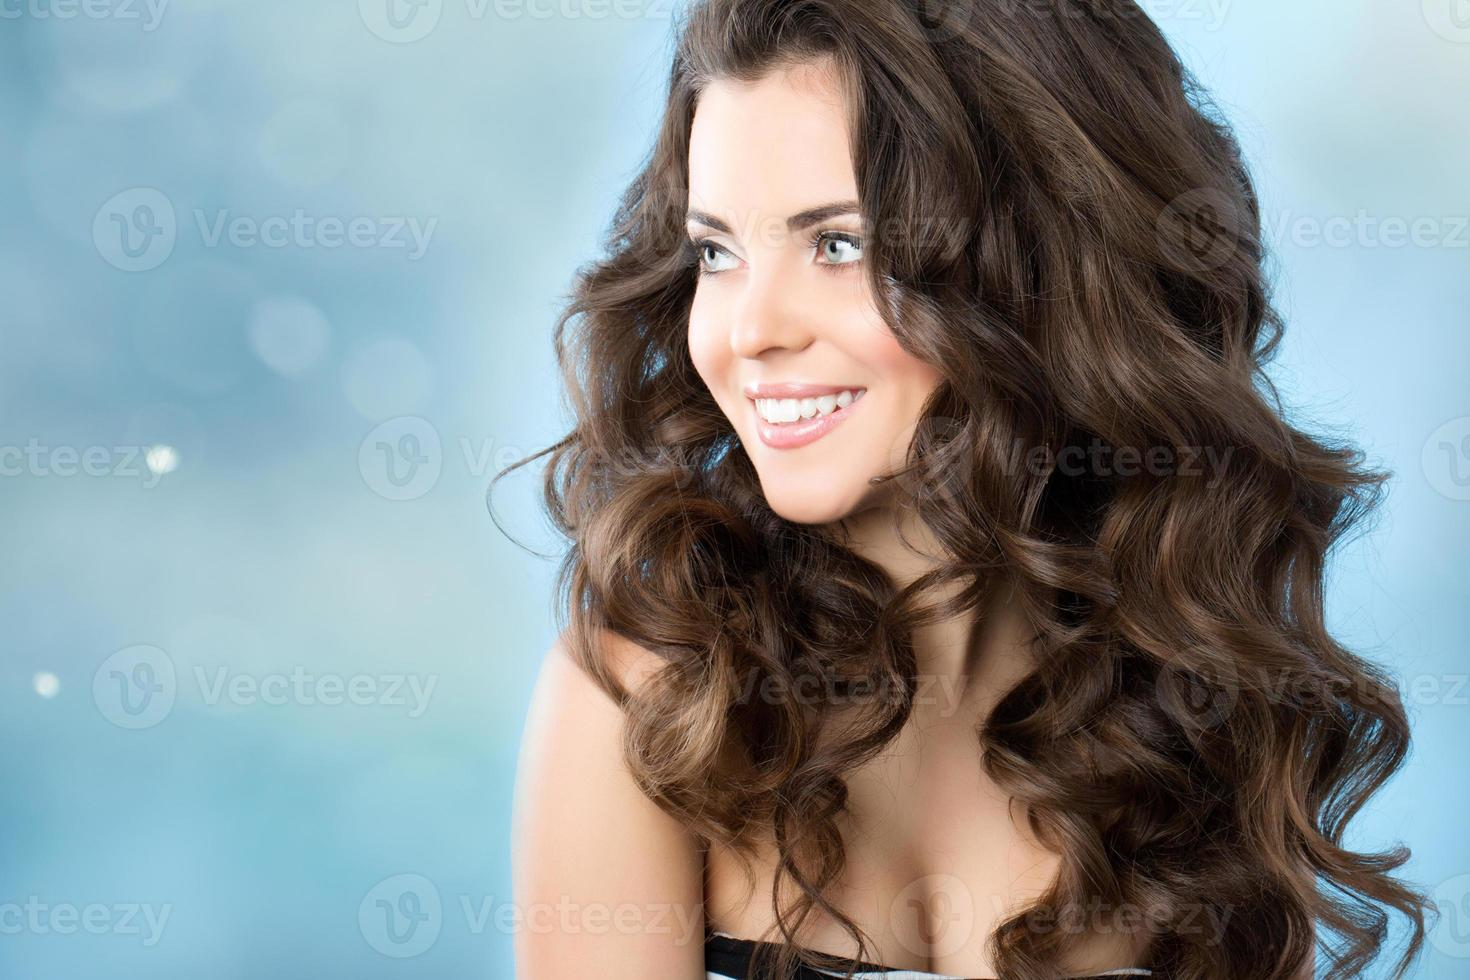 lächelnde Frau mit langen Haaren auf einem blauen Hintergrund. foto